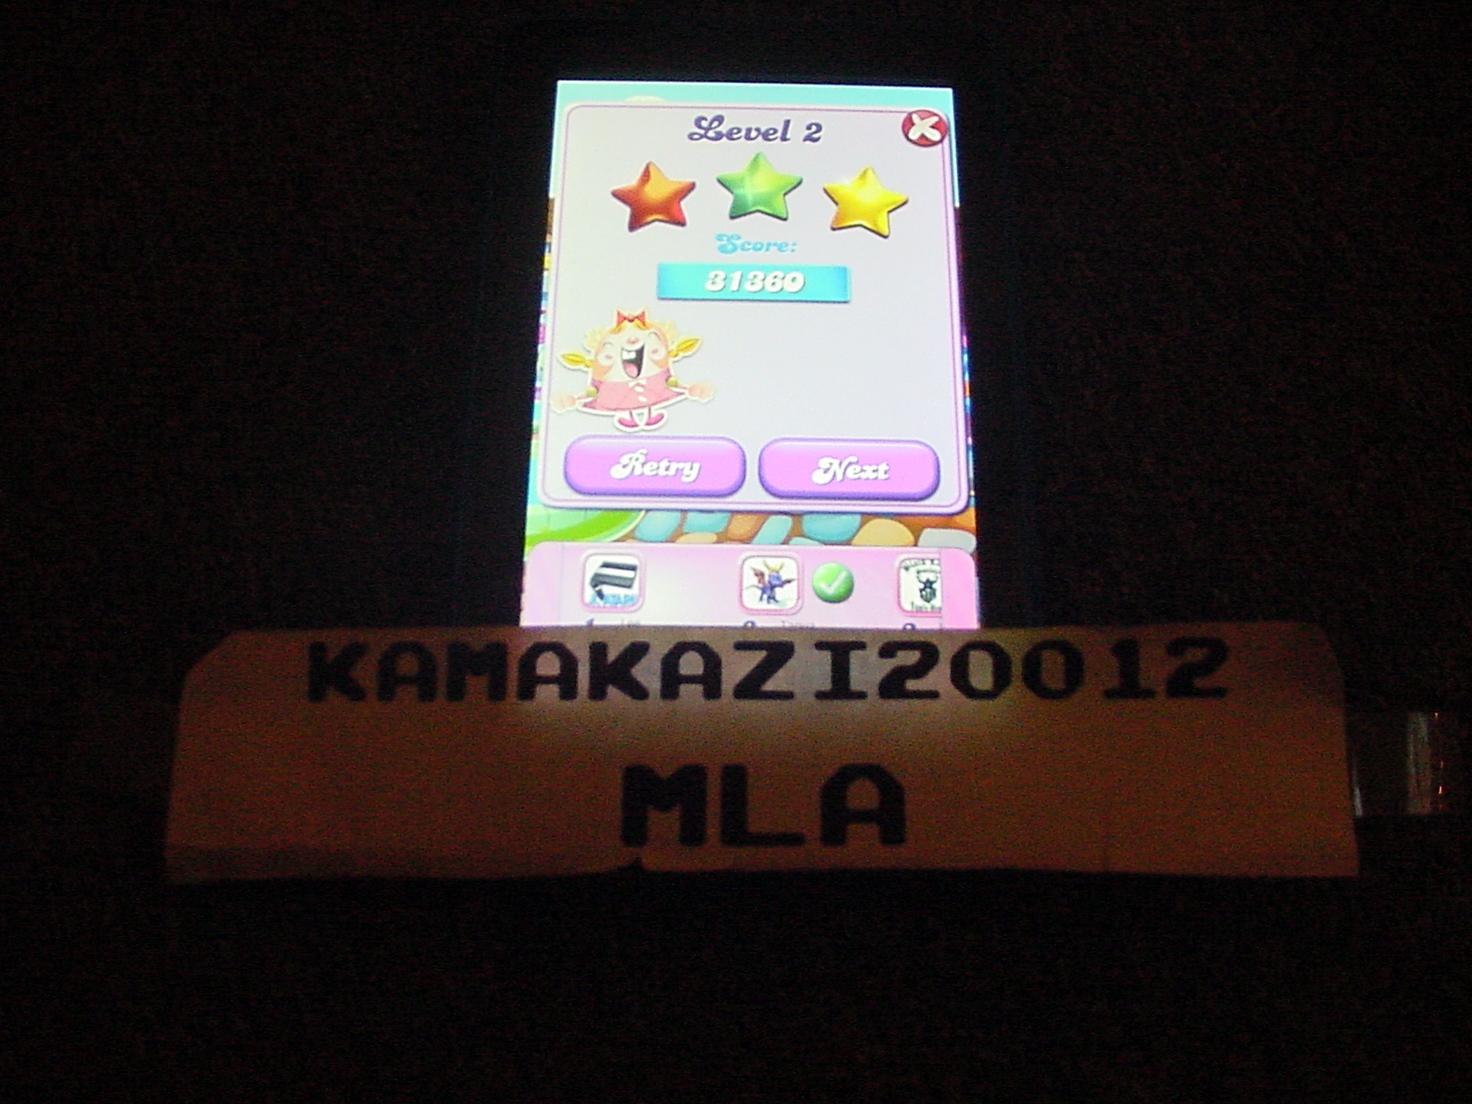 kamakazi20012: Candy Crush Saga: Level 0002 (Android) 31,360 points on 2015-06-14 23:29:23